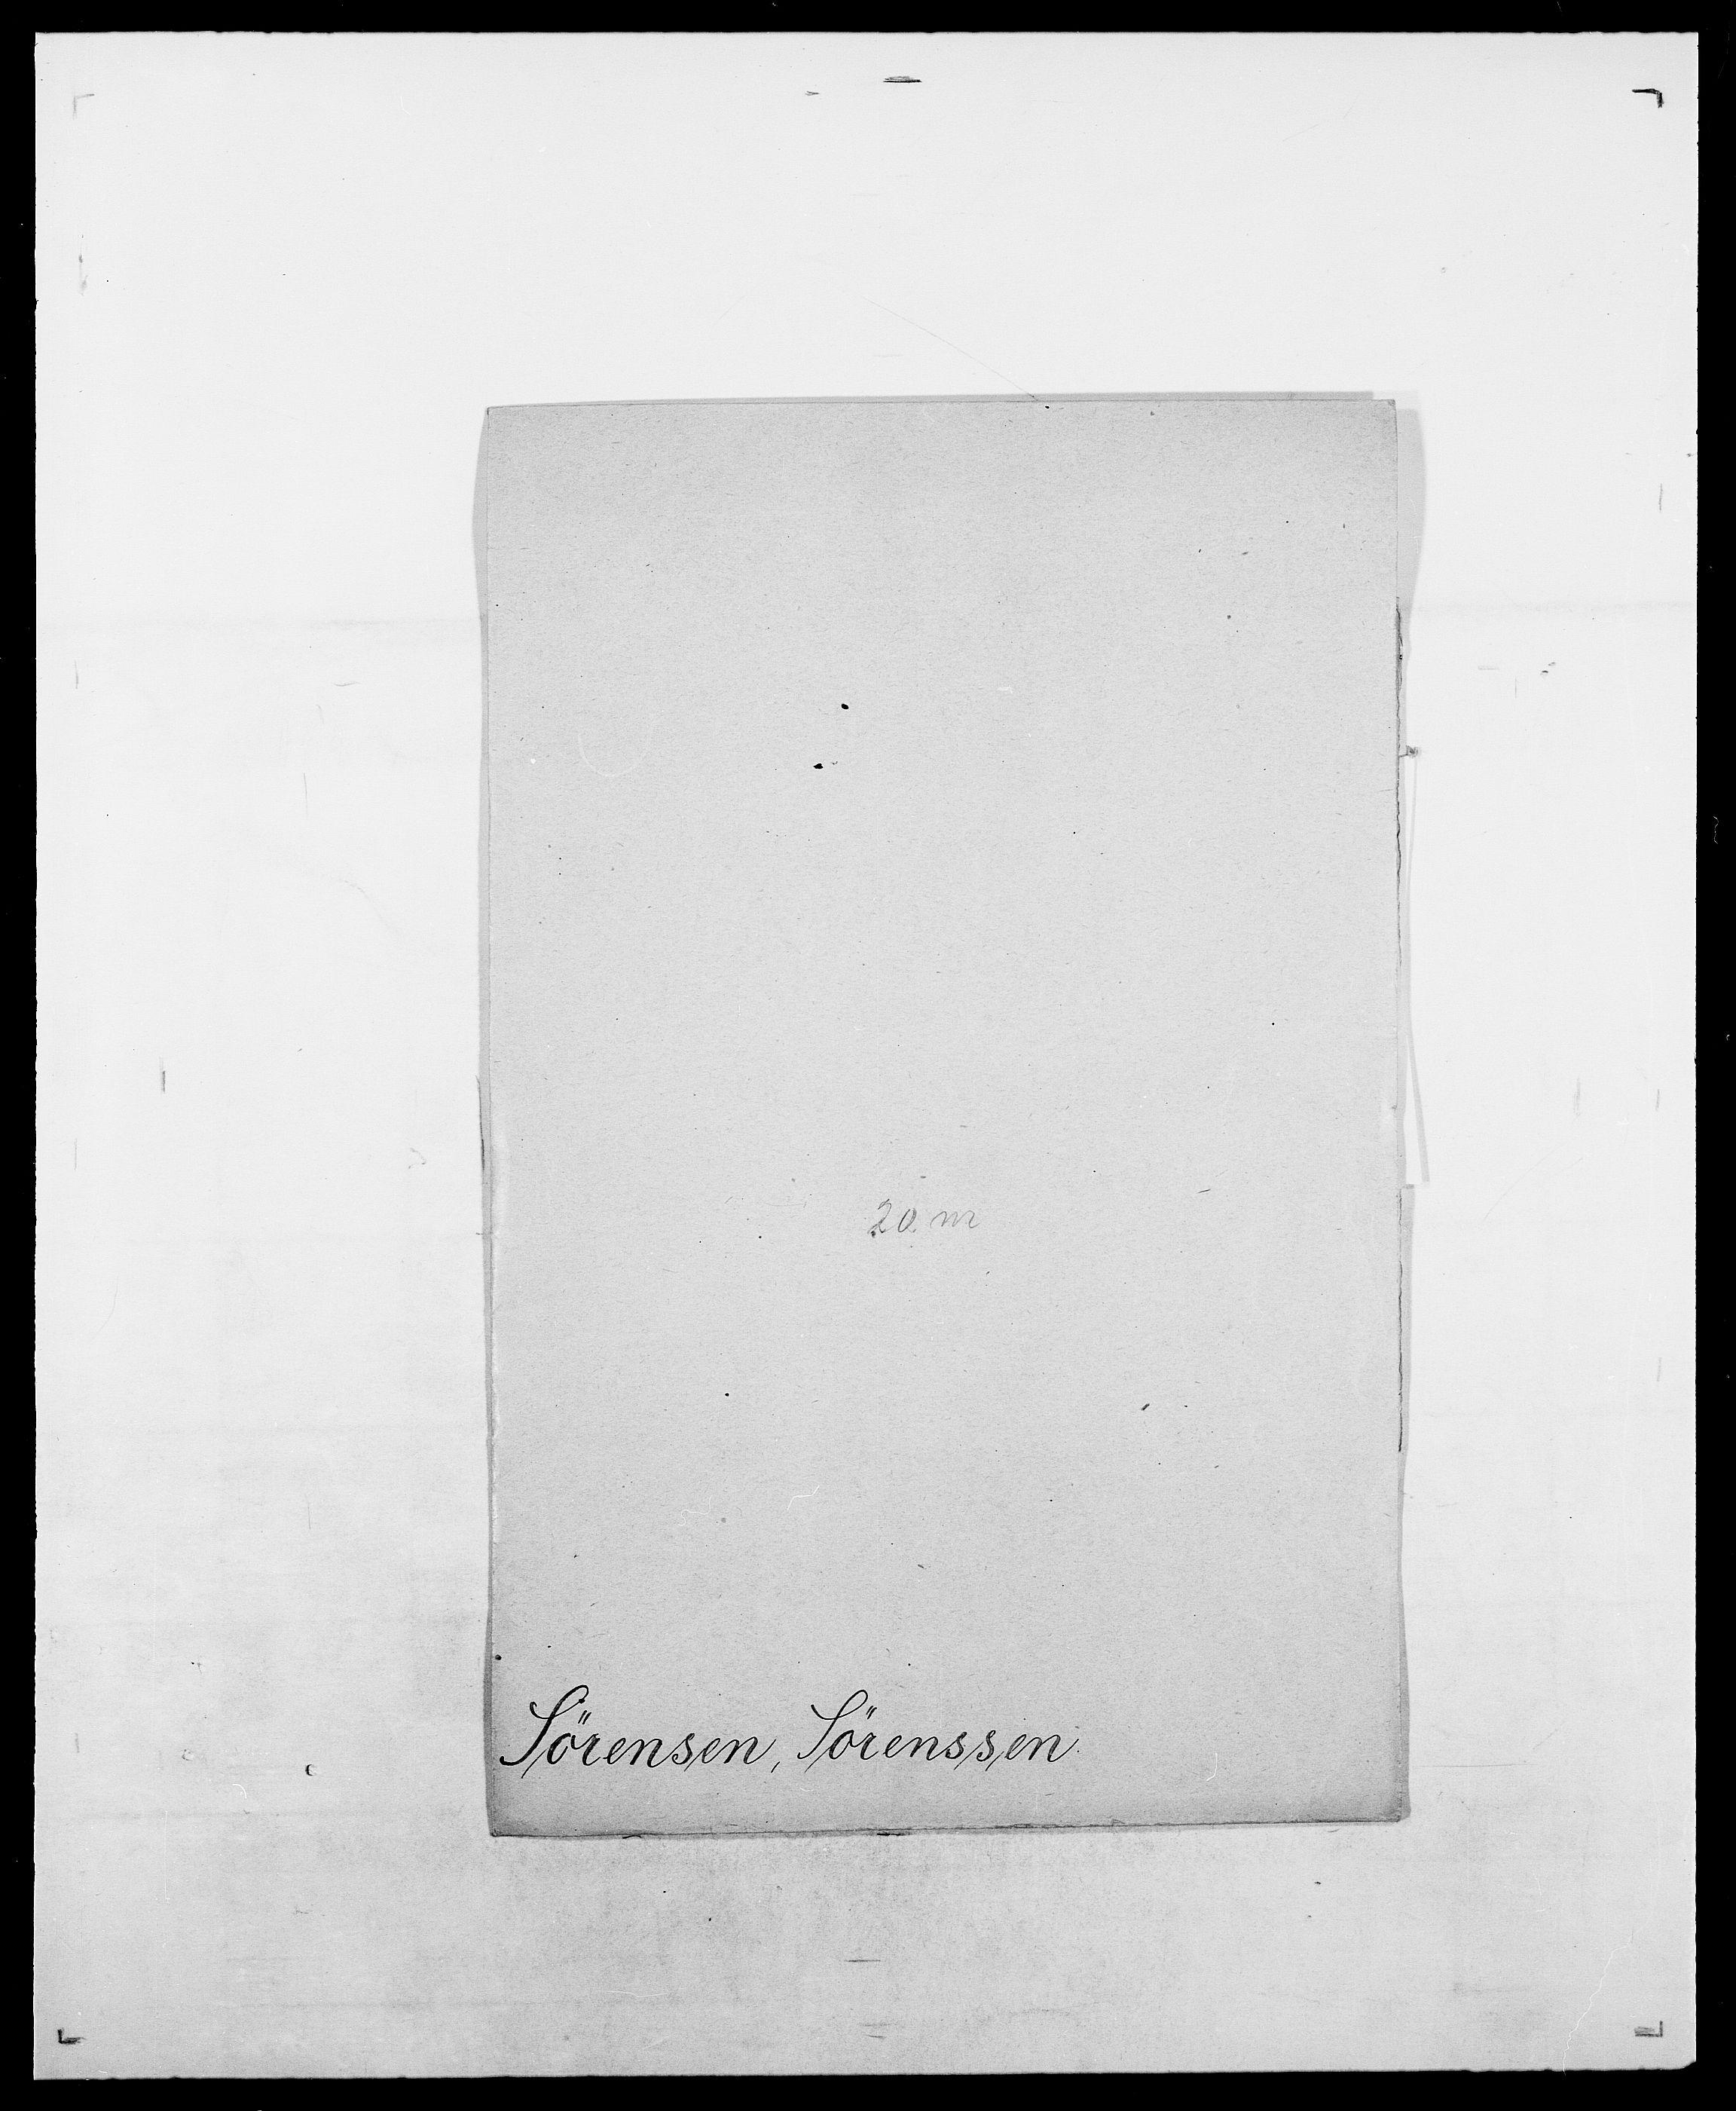 SAO, Delgobe, Charles Antoine - samling, D/Da/L0038: Svanenskjold - Thornsohn, s. 208